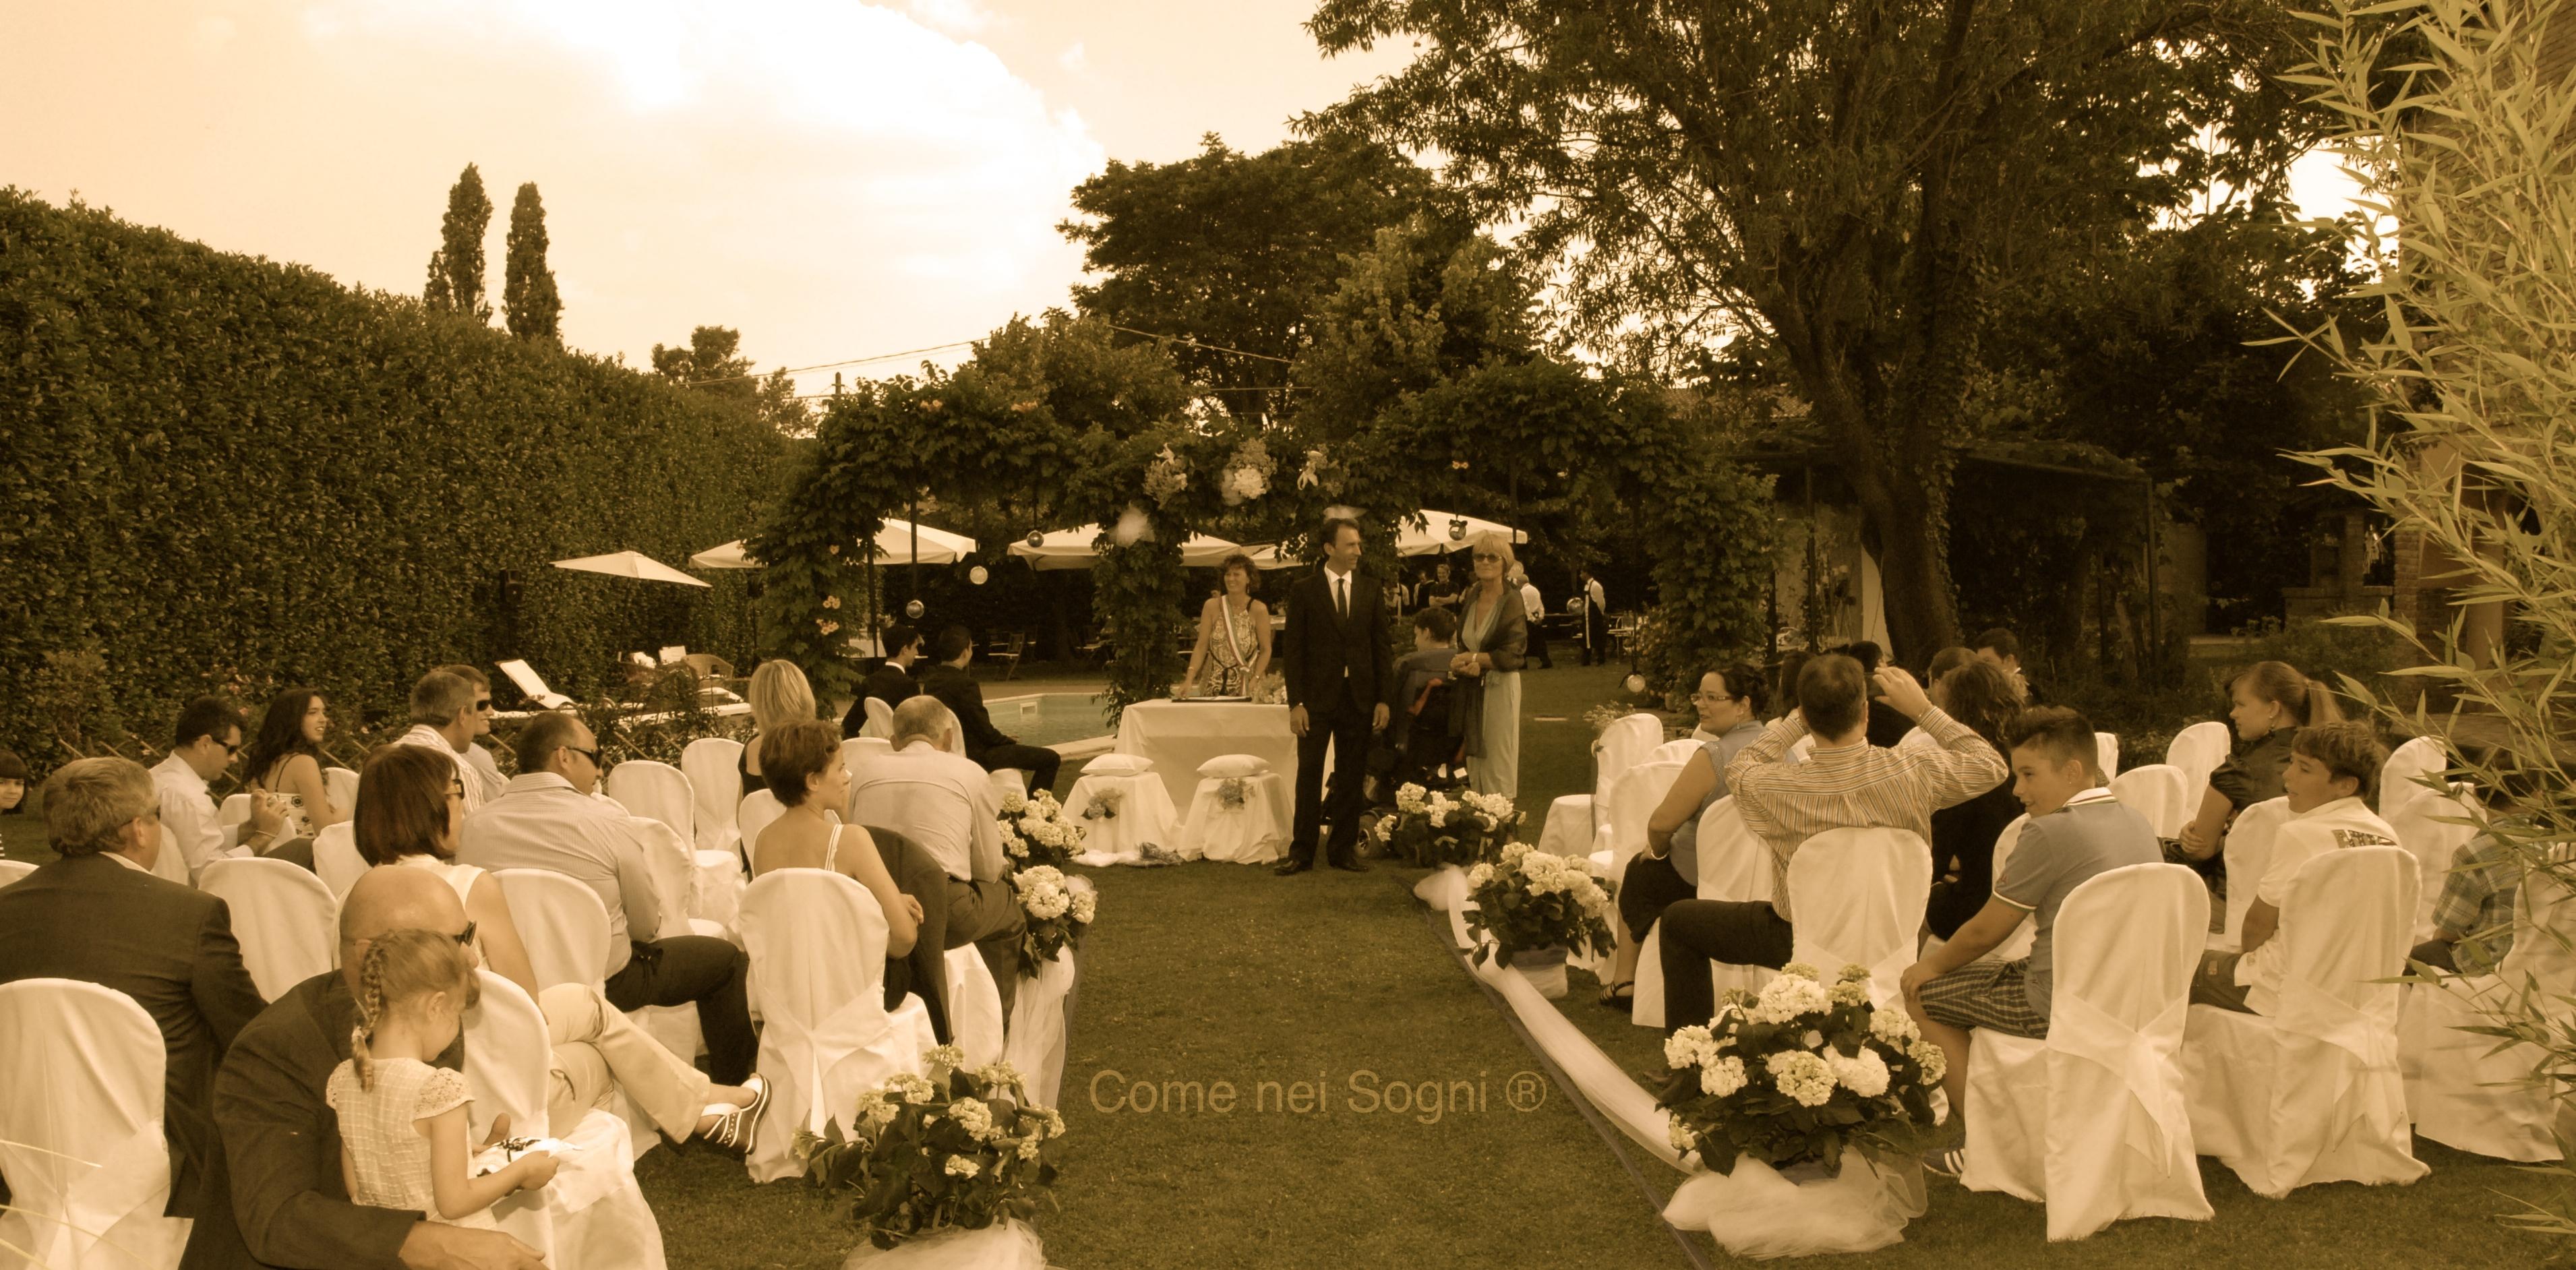 10 errori da evitare quando vi invitano a un matrimonio